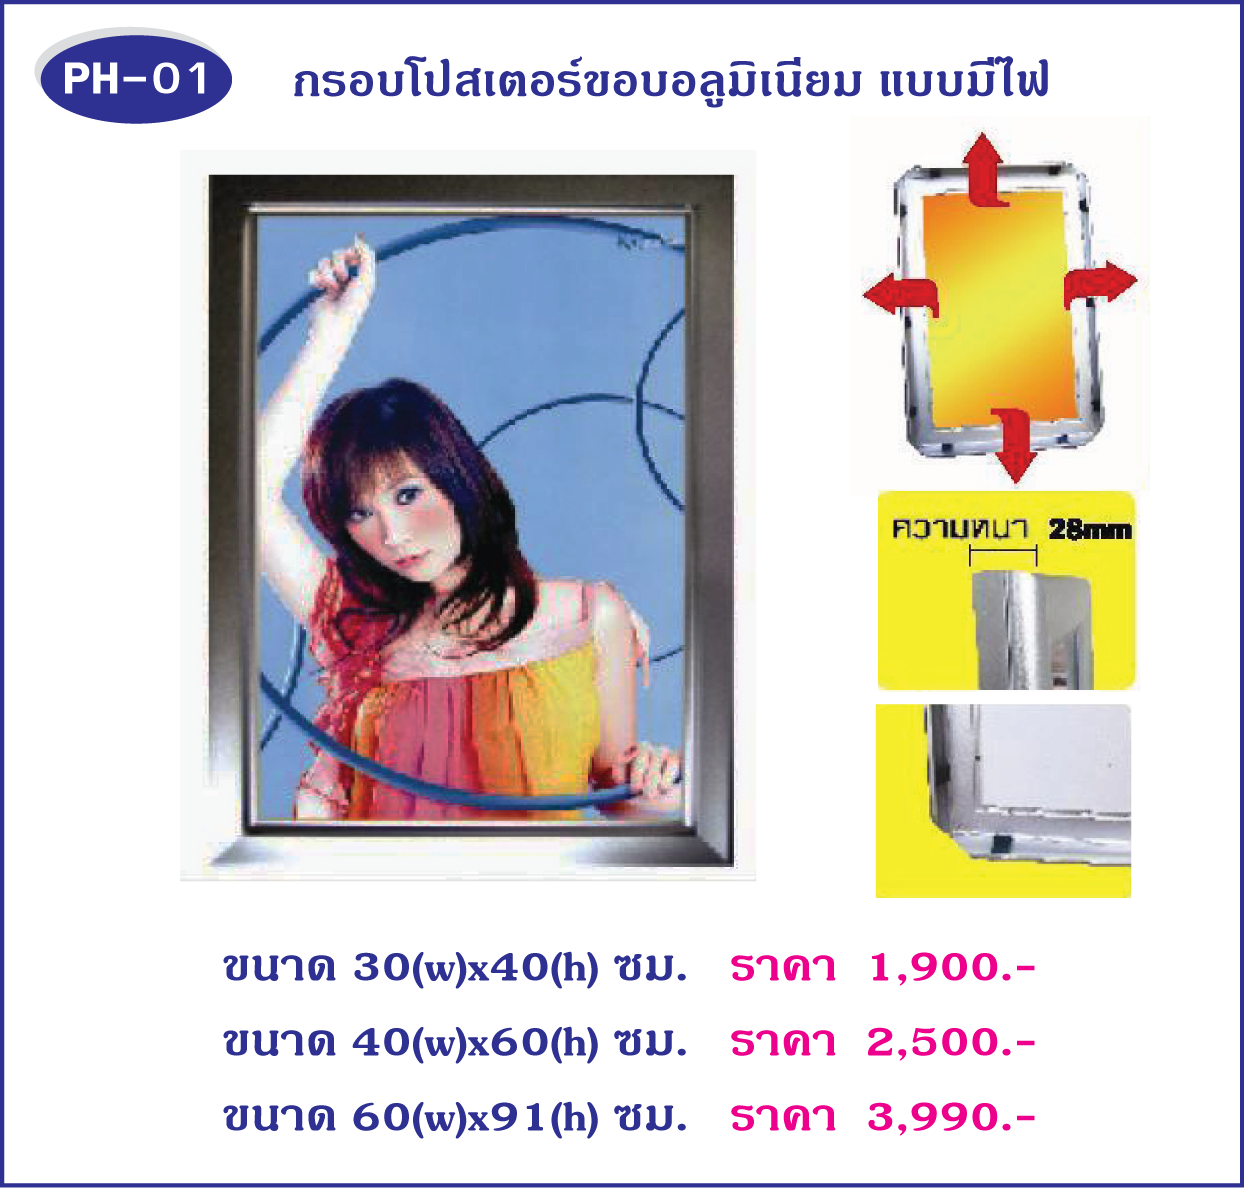 กรอบโปสเตอร์,กรอบใส่ภาพ,เฟรมใส่ภาพ,Poster Frame,Poster stand,PH01